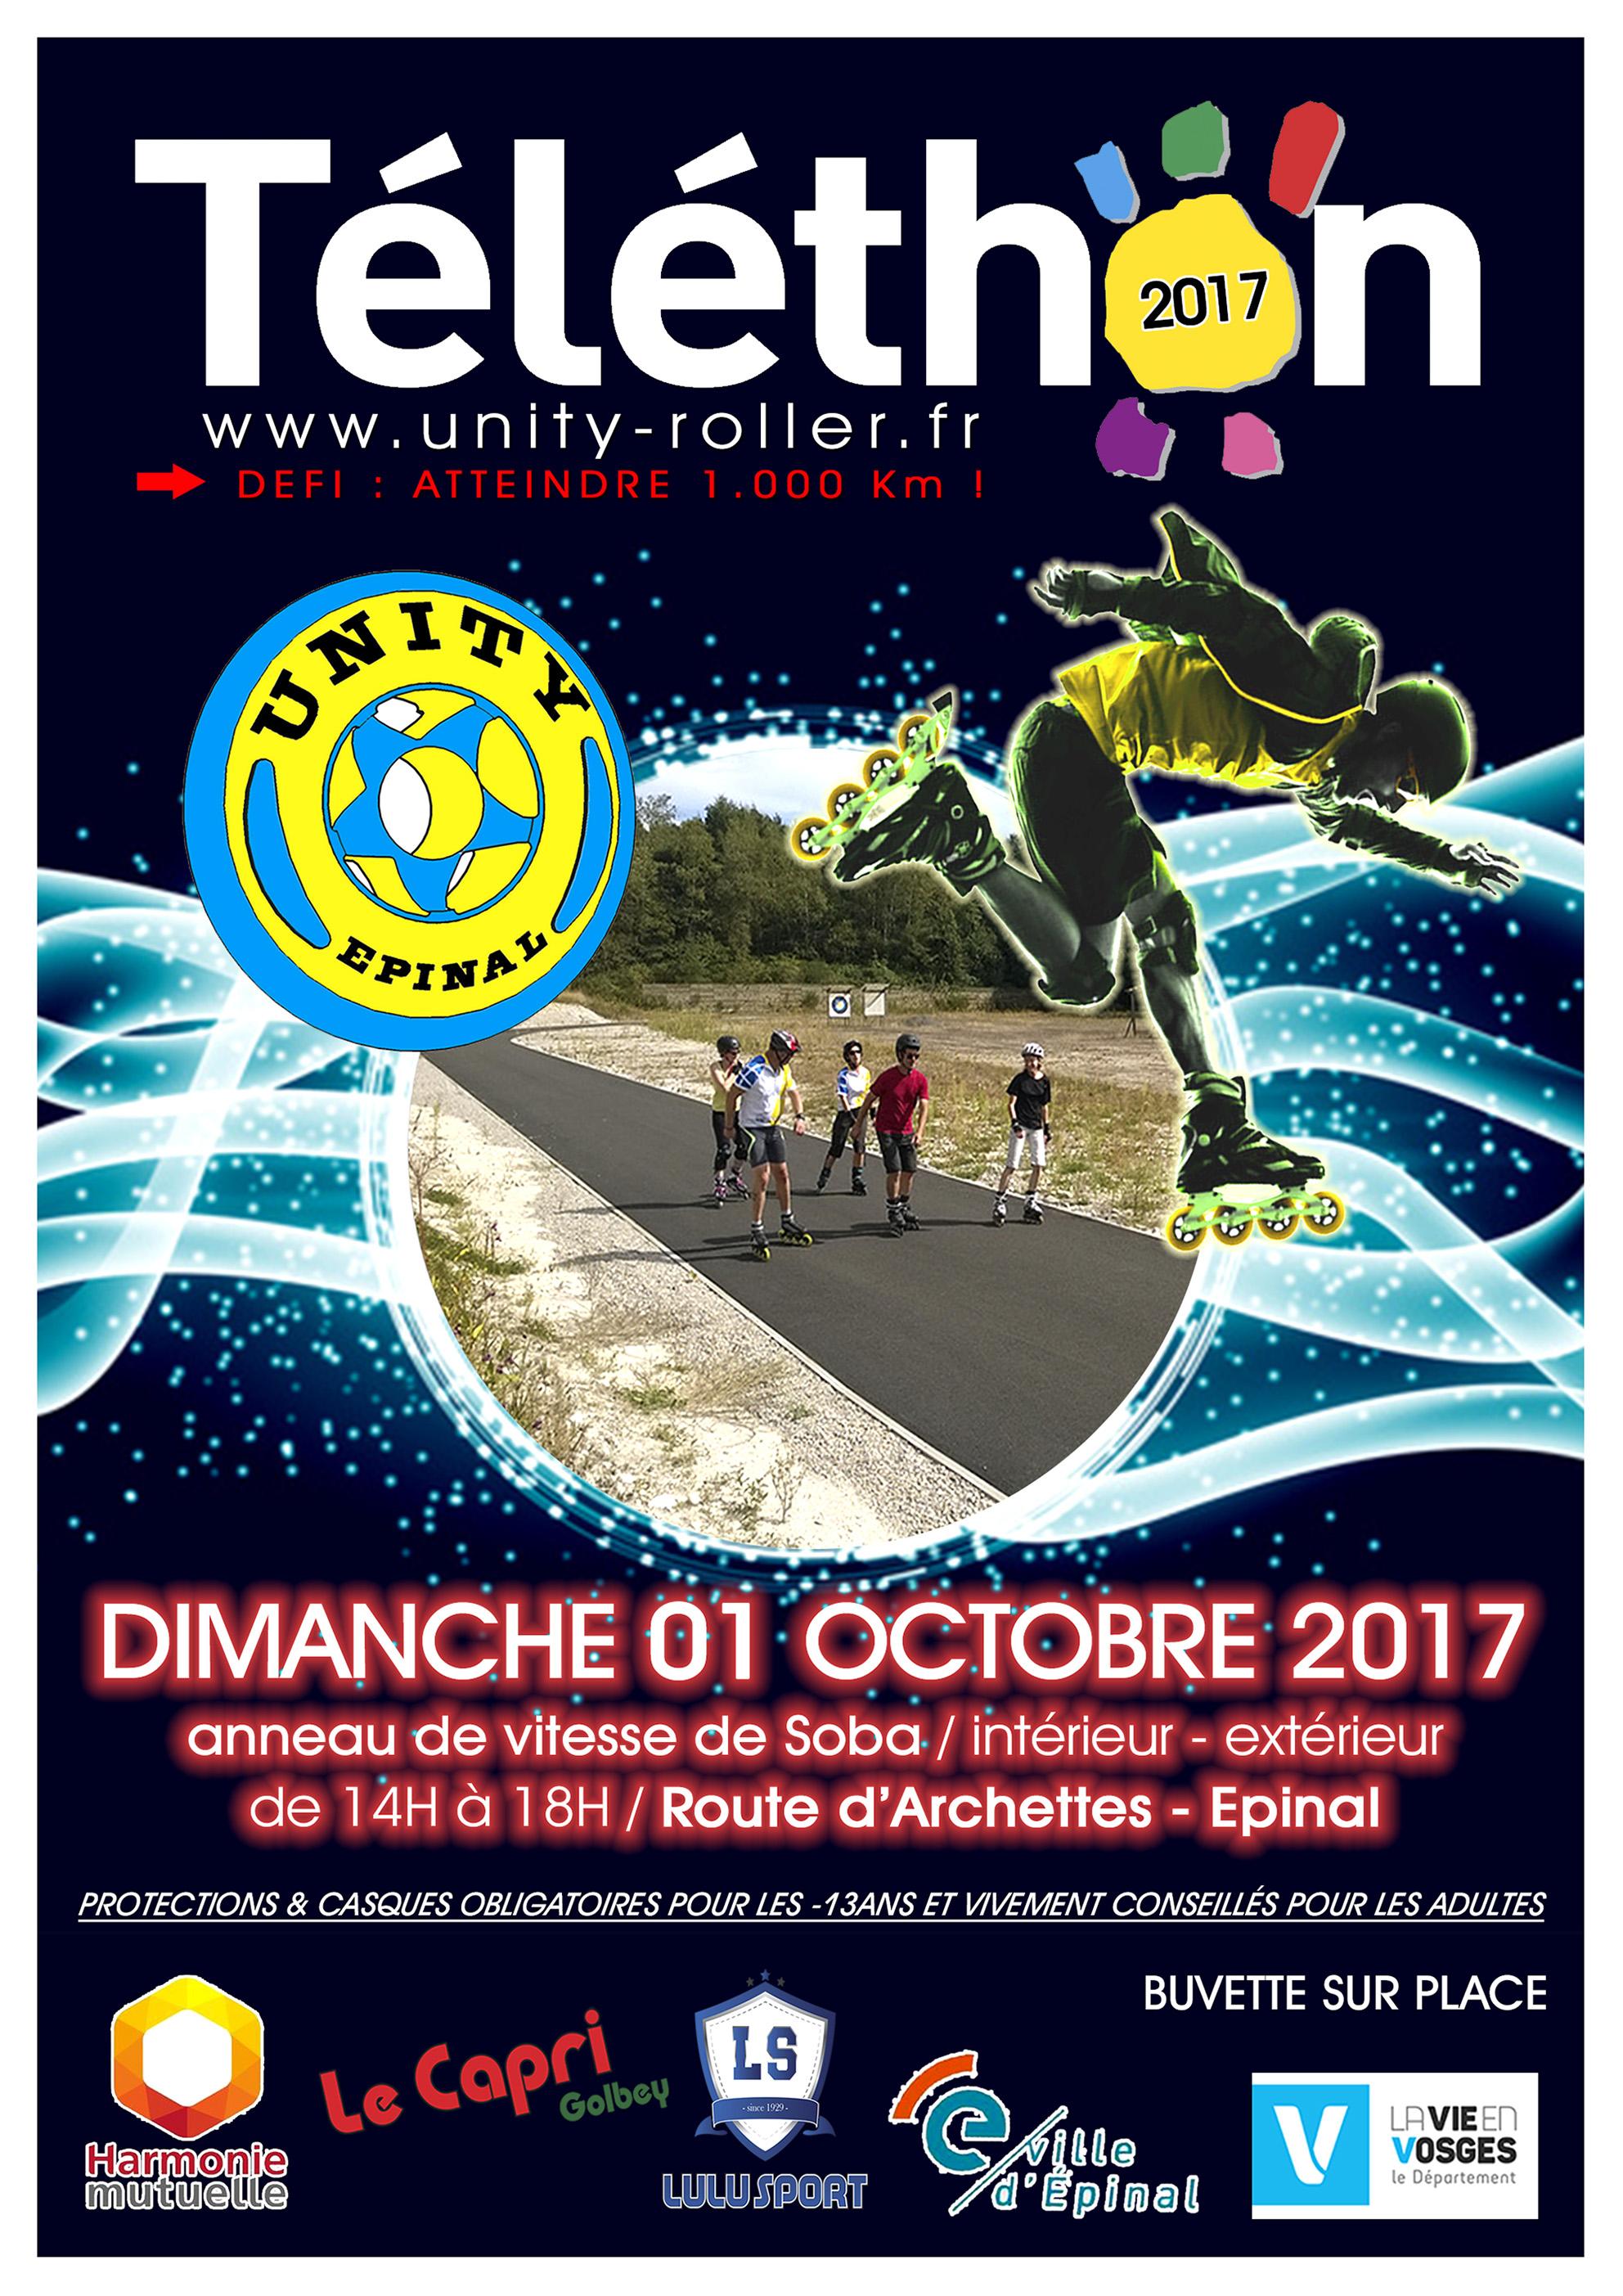 Affiche Téléthon Unity Roller2017